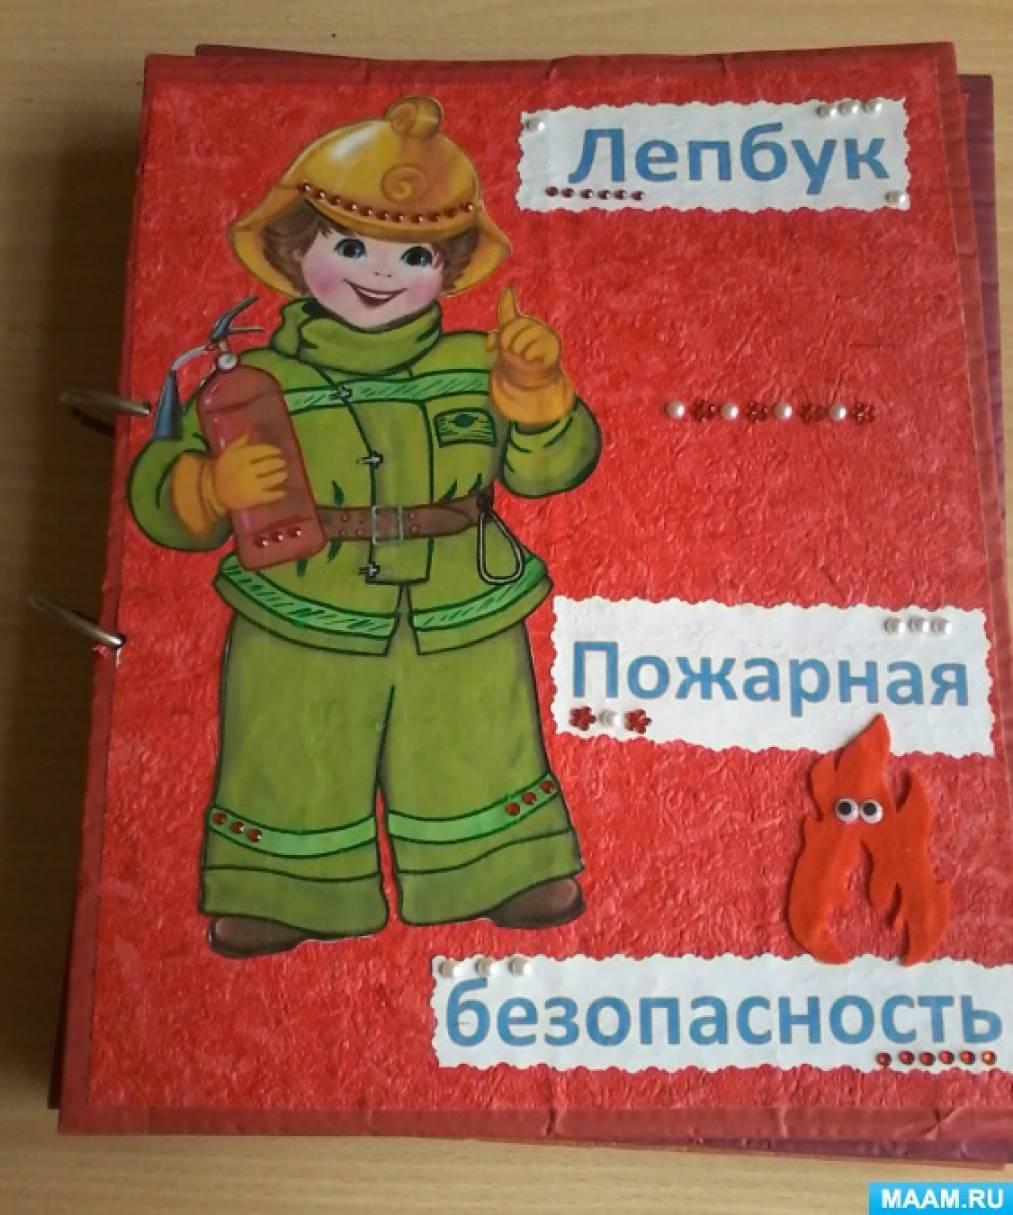 Лэпбук «Пожарная безопасность» для детей младшего и старшего дошкольного возраста